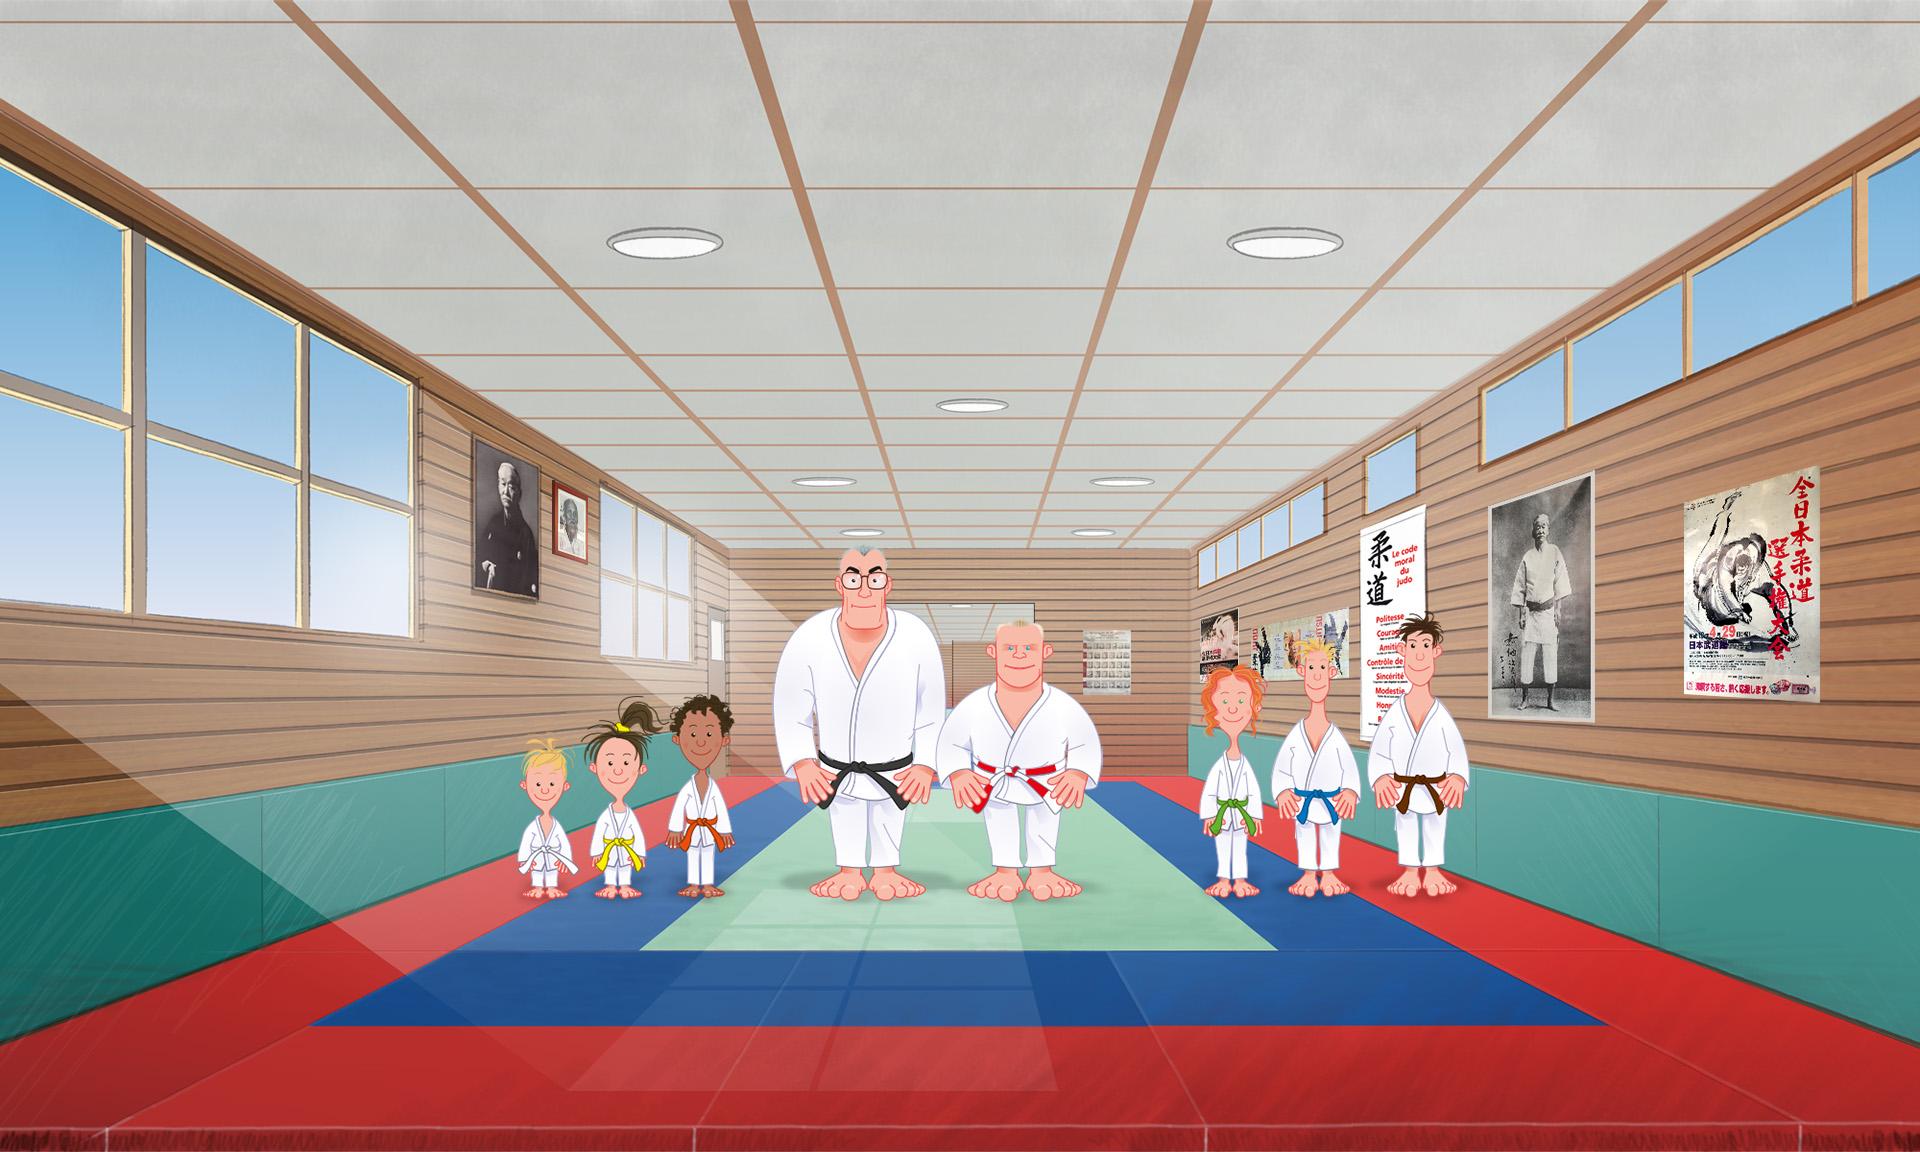 Le dojo Ryokan - Judo Club de Lavaur